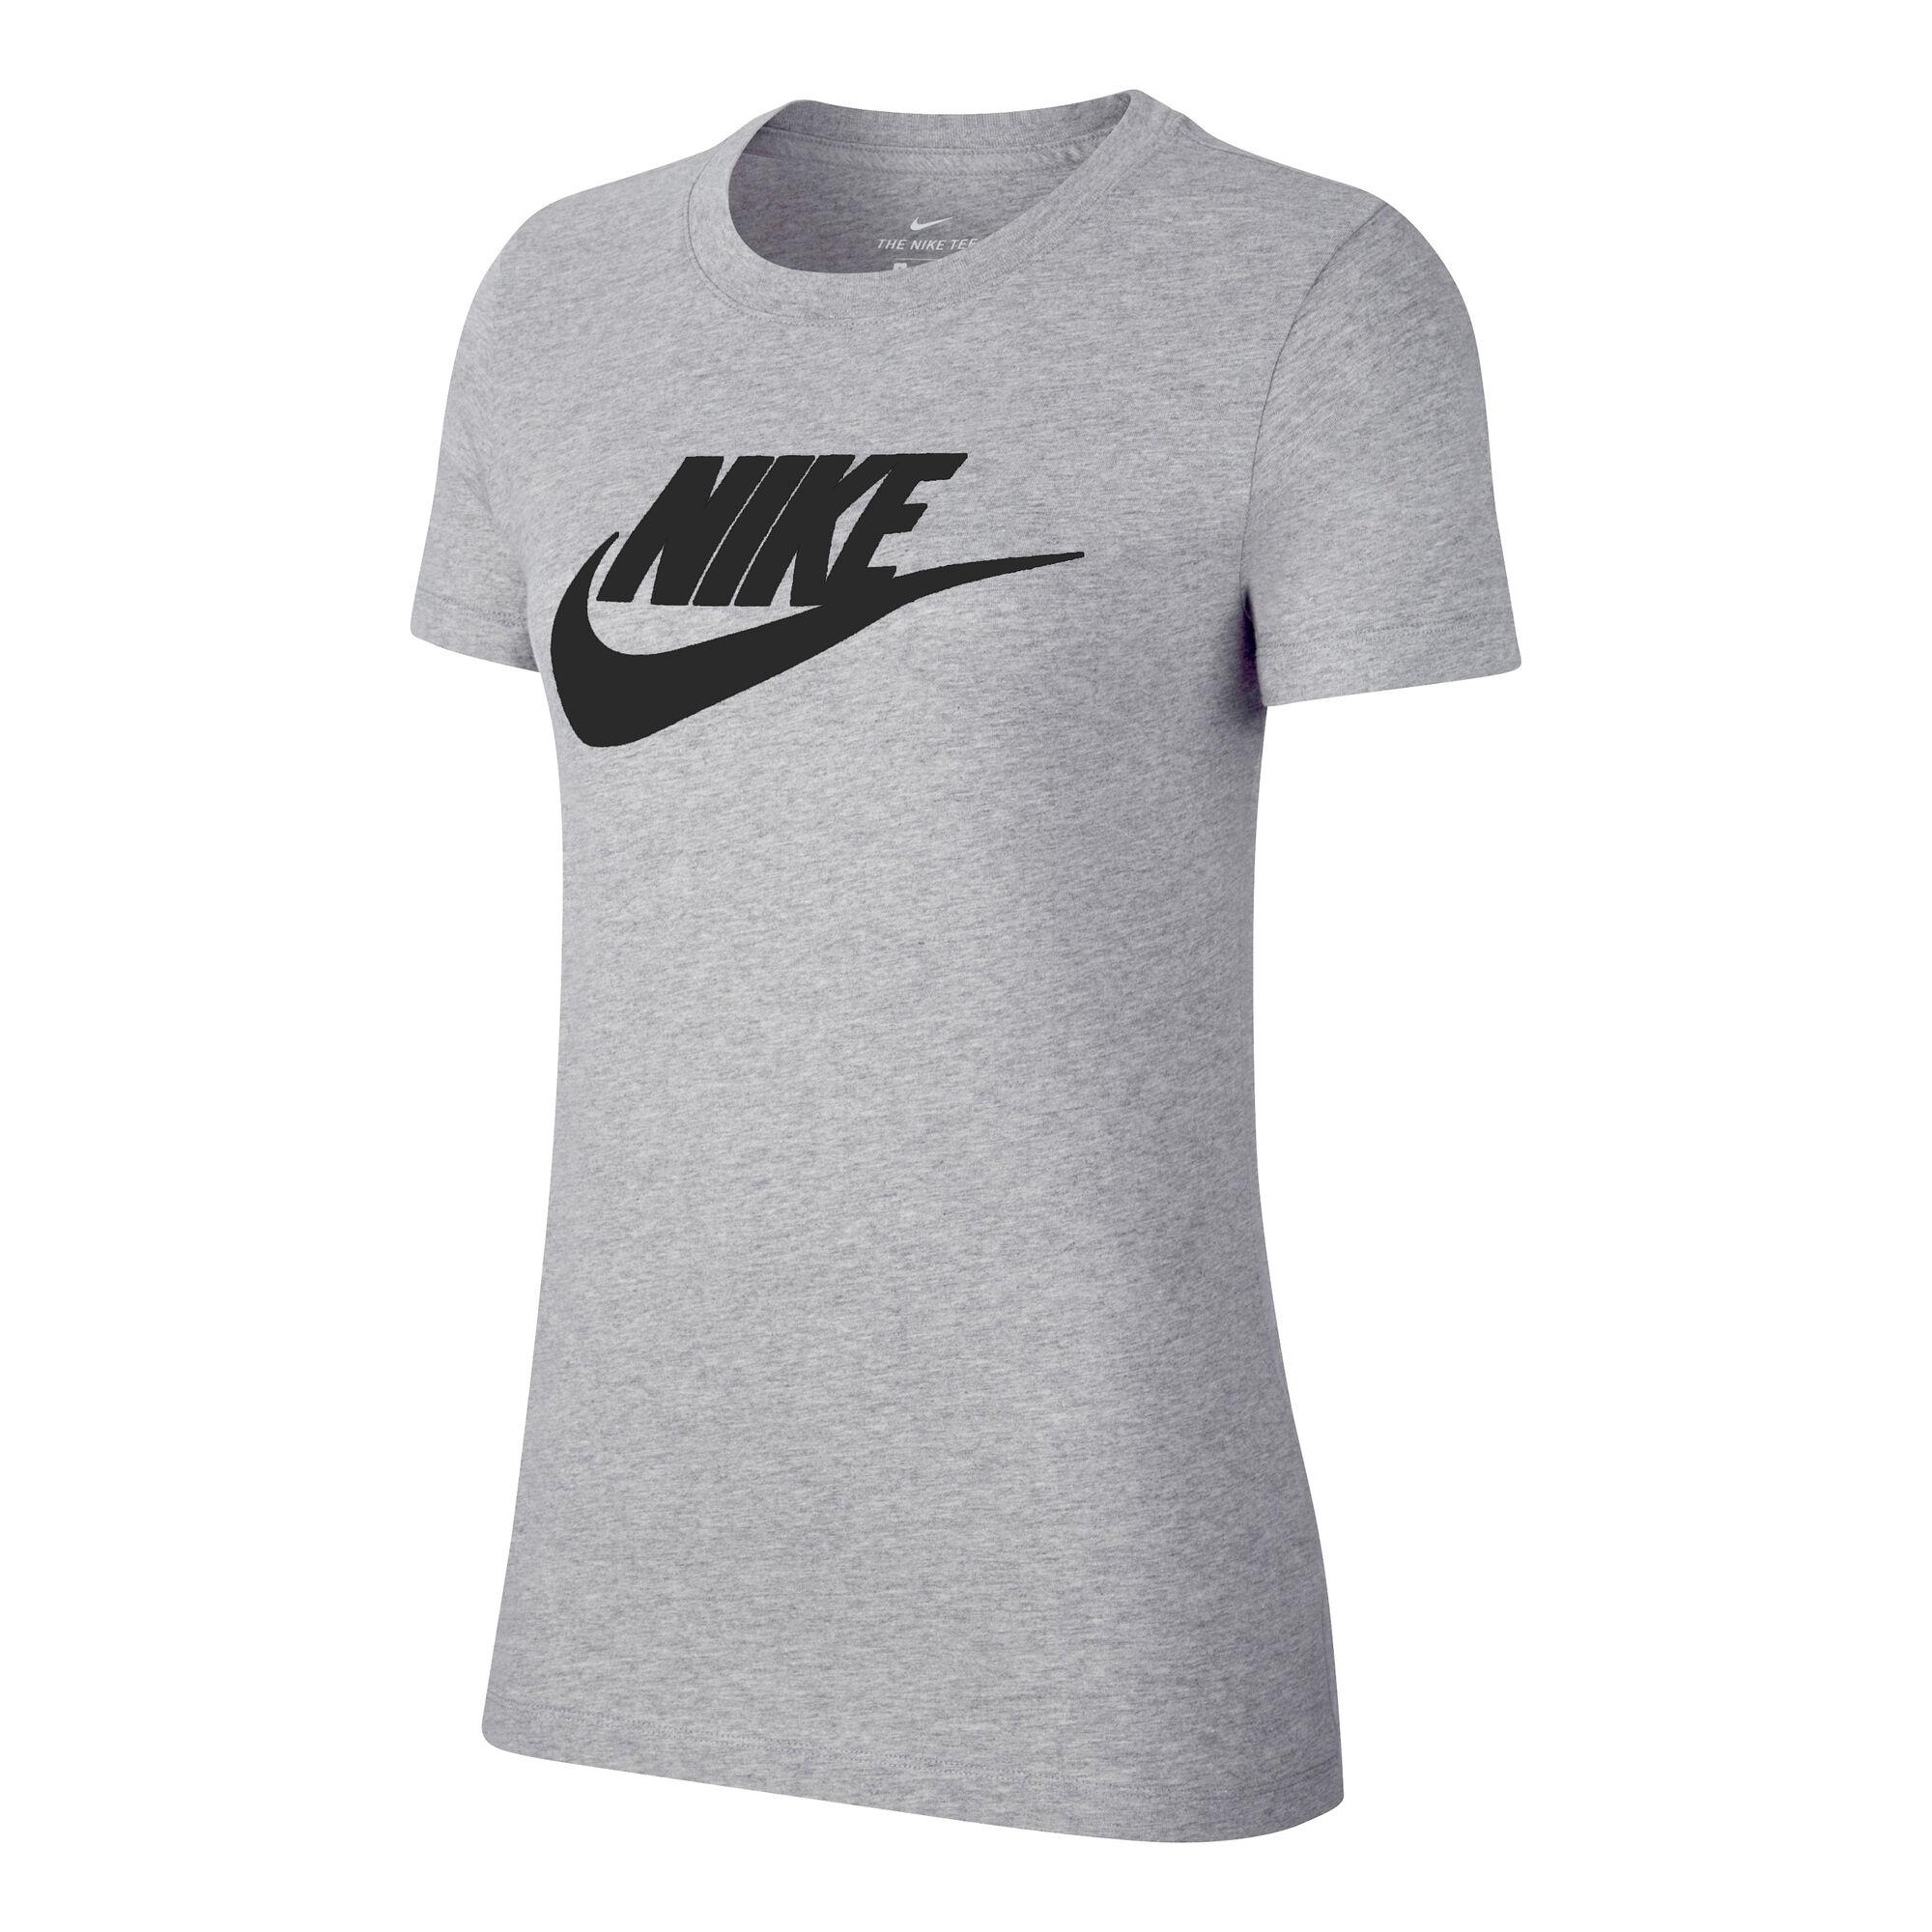 Nike Shirt Damen Grau